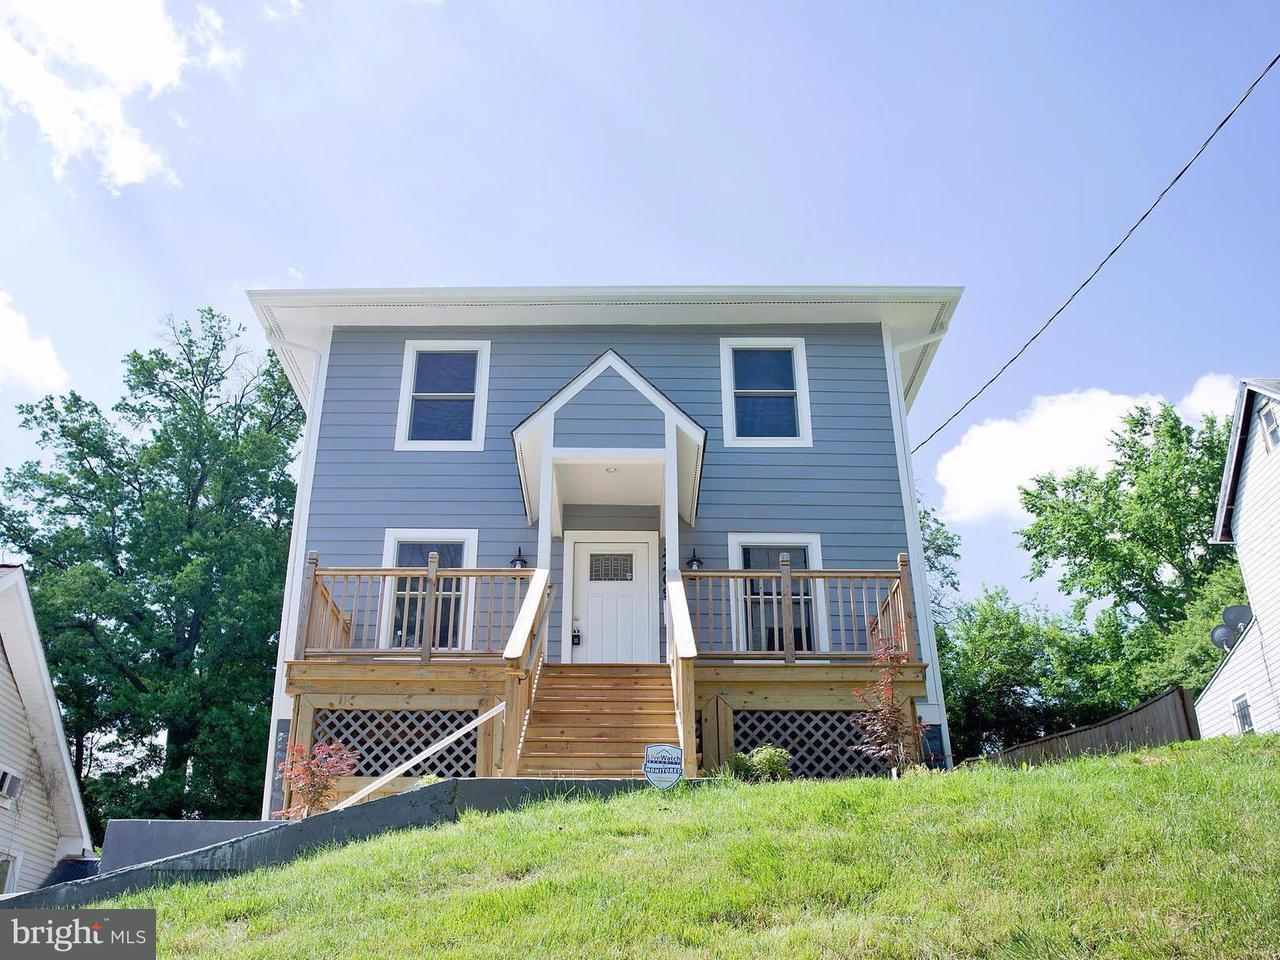 Maison unifamiliale pour l Vente à 2209 FRANKLIN ST NE 2209 FRANKLIN ST NE Washington, District De Columbia 20018 États-Unis